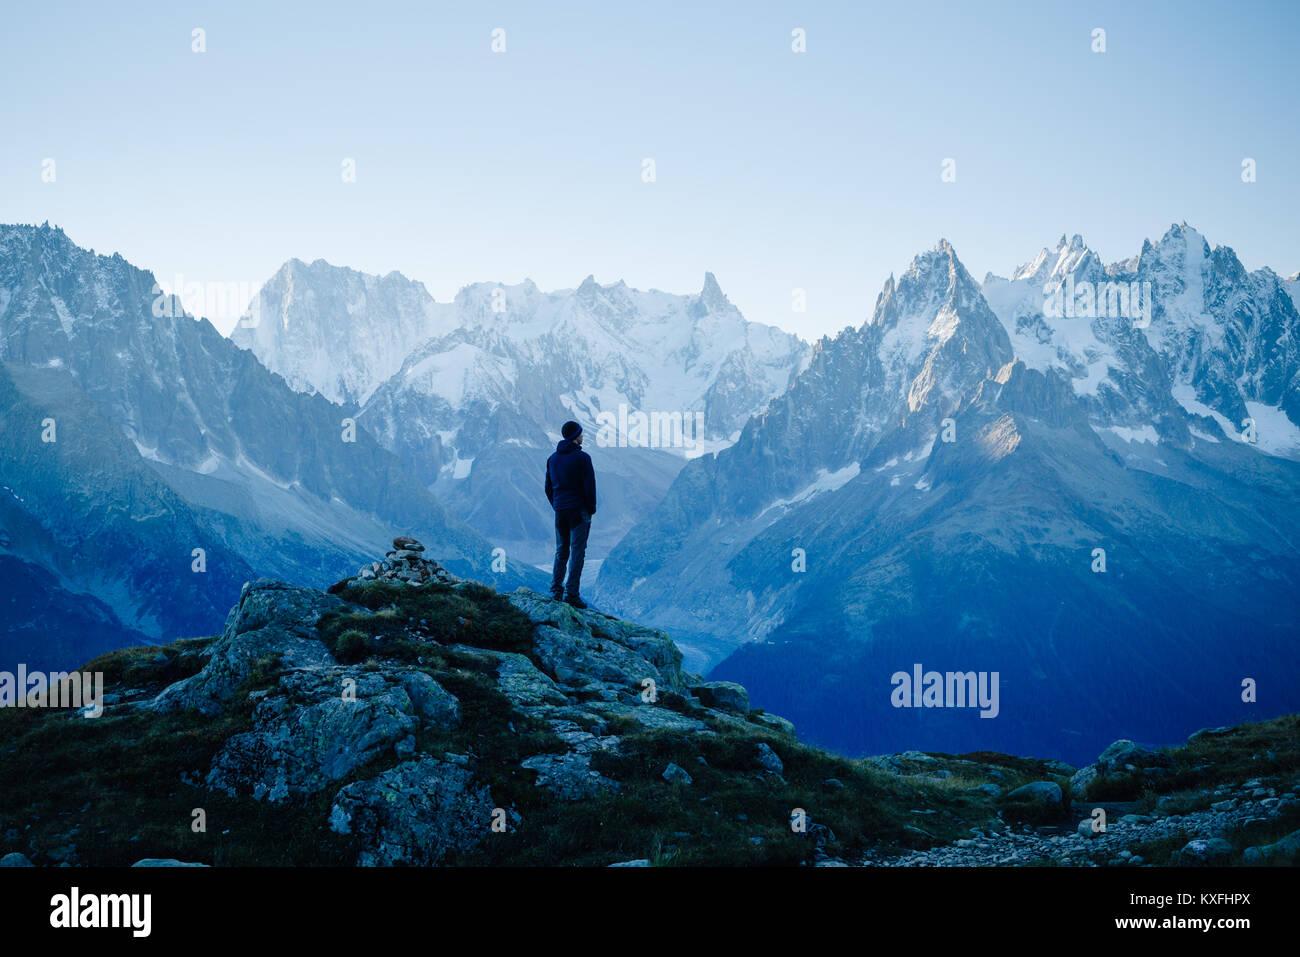 Man Blick auf die Berge in der Nähe von Chamonix, Frankreich. Alter film Stil. Stockbild